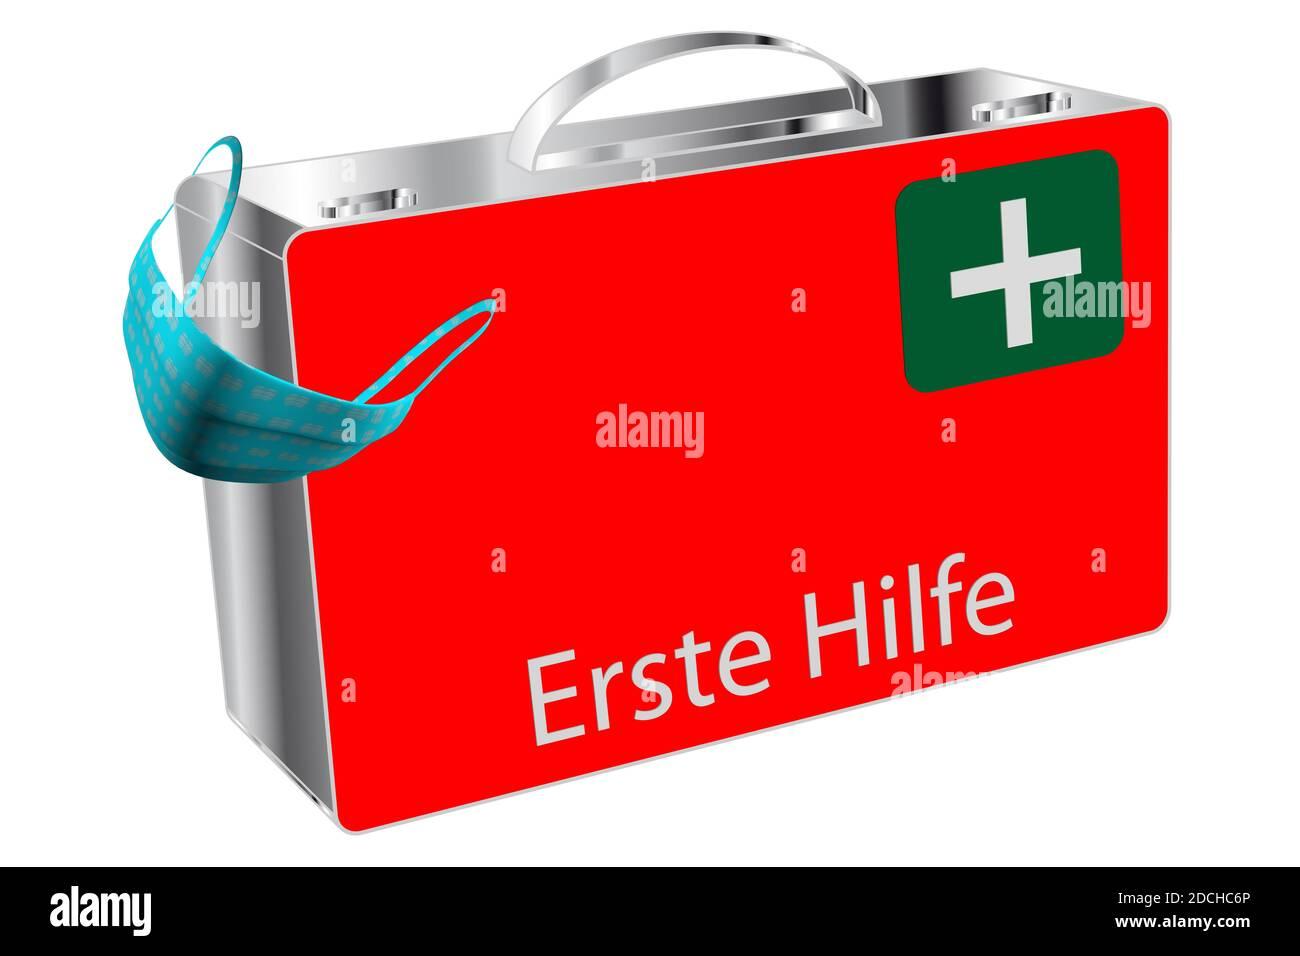 Erste Hilfe Koffer mit FFP2 Maske isoliert auf weiß Stock Photo